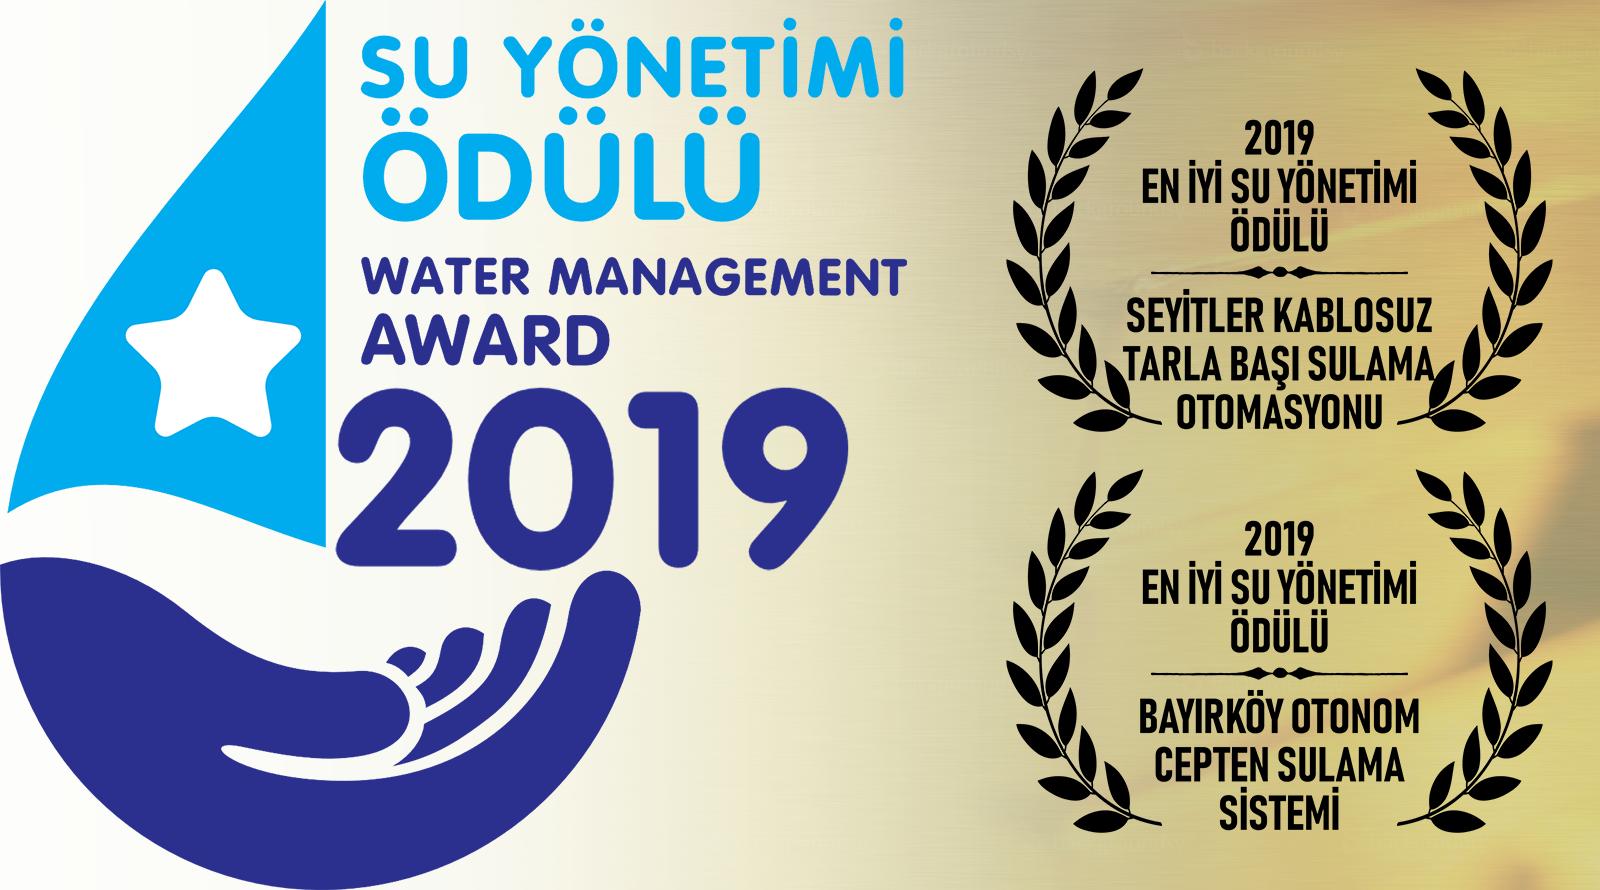 2019 Su Yönetimi Ödülleri